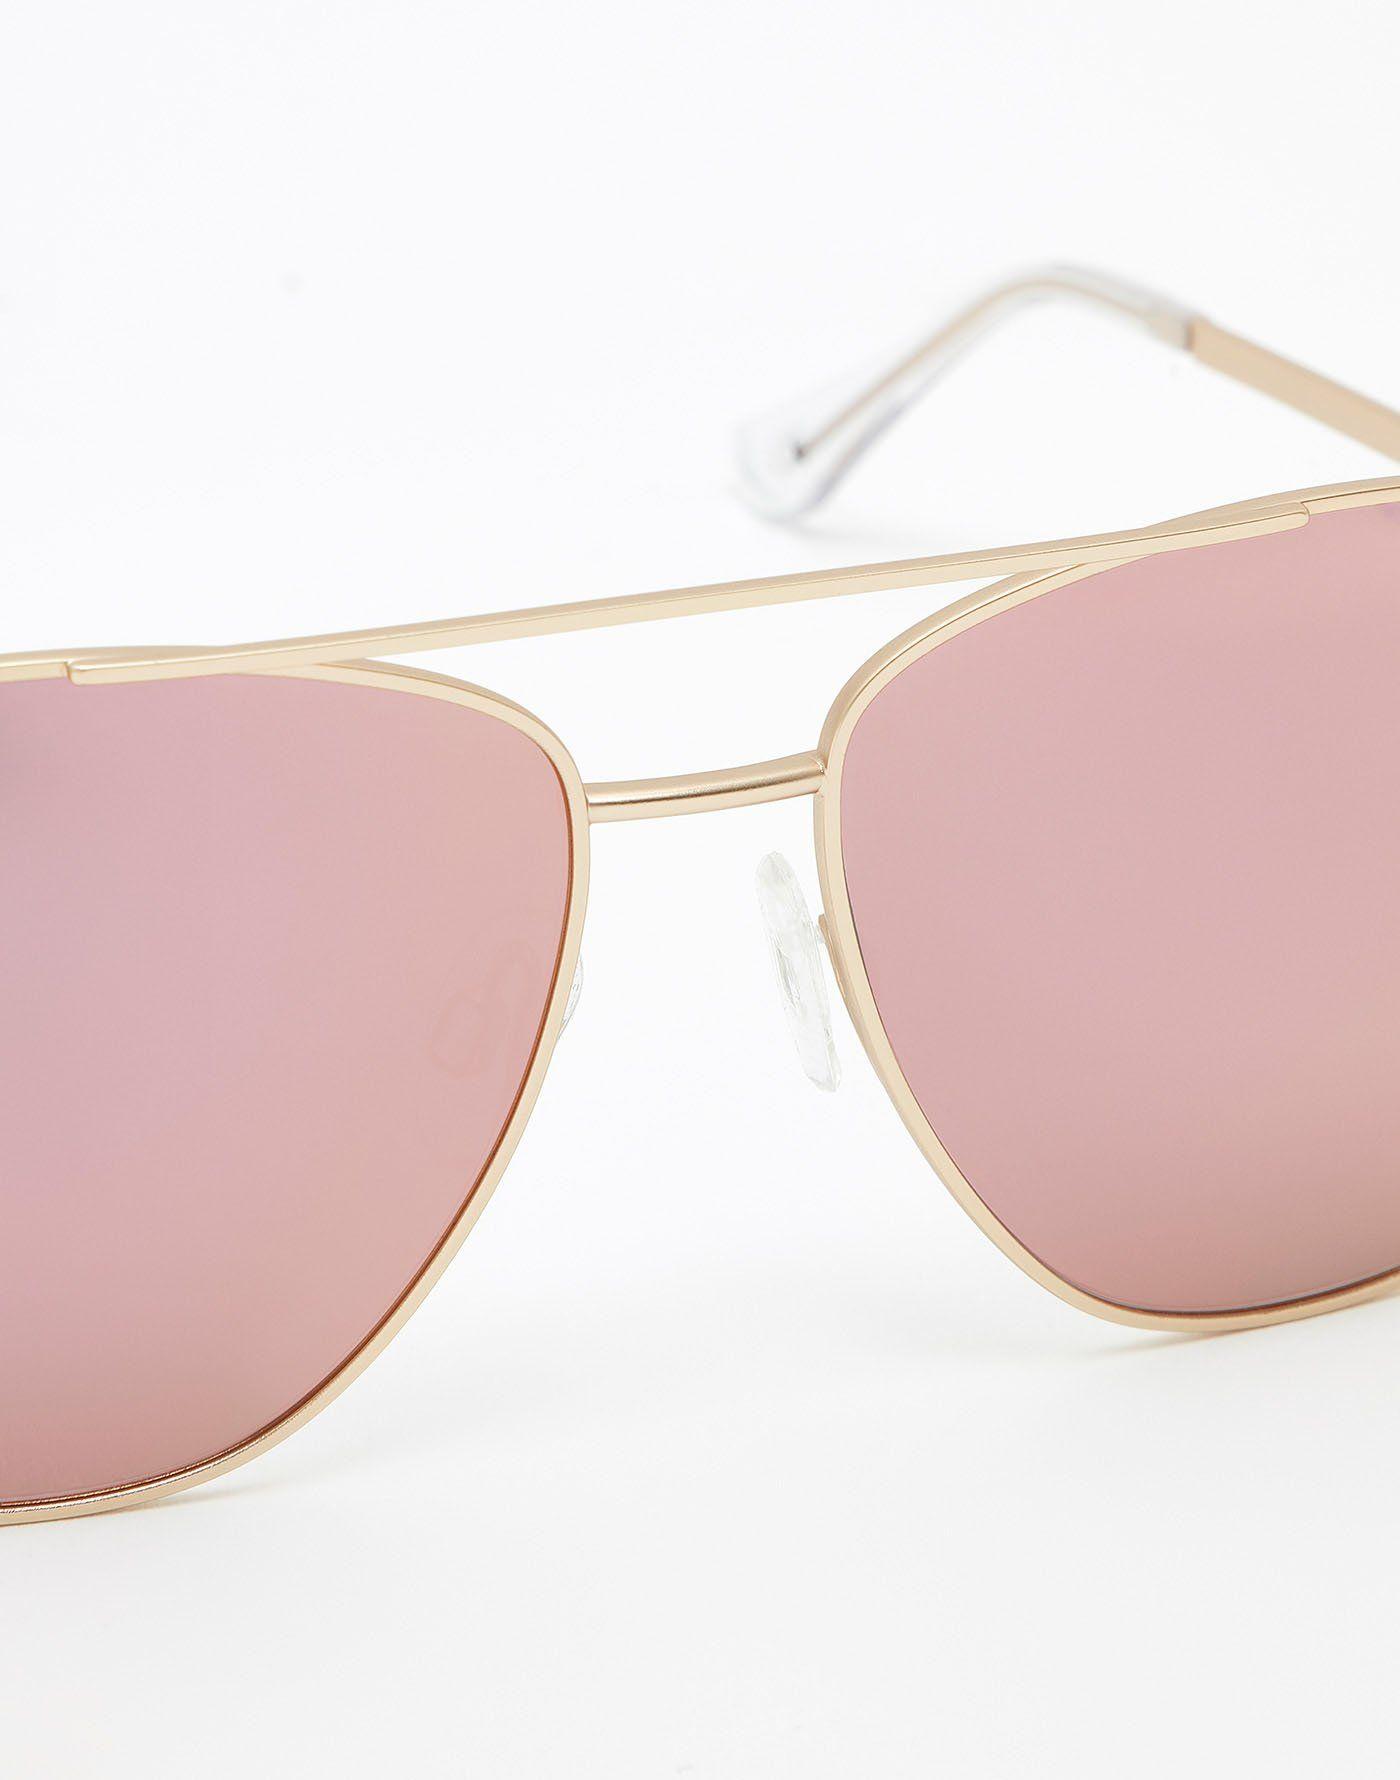 09448578fc KARAT ROSE GOLD LAX Hawkers despega rediseñando las gafas de estilo aviador.  Estas gafas de